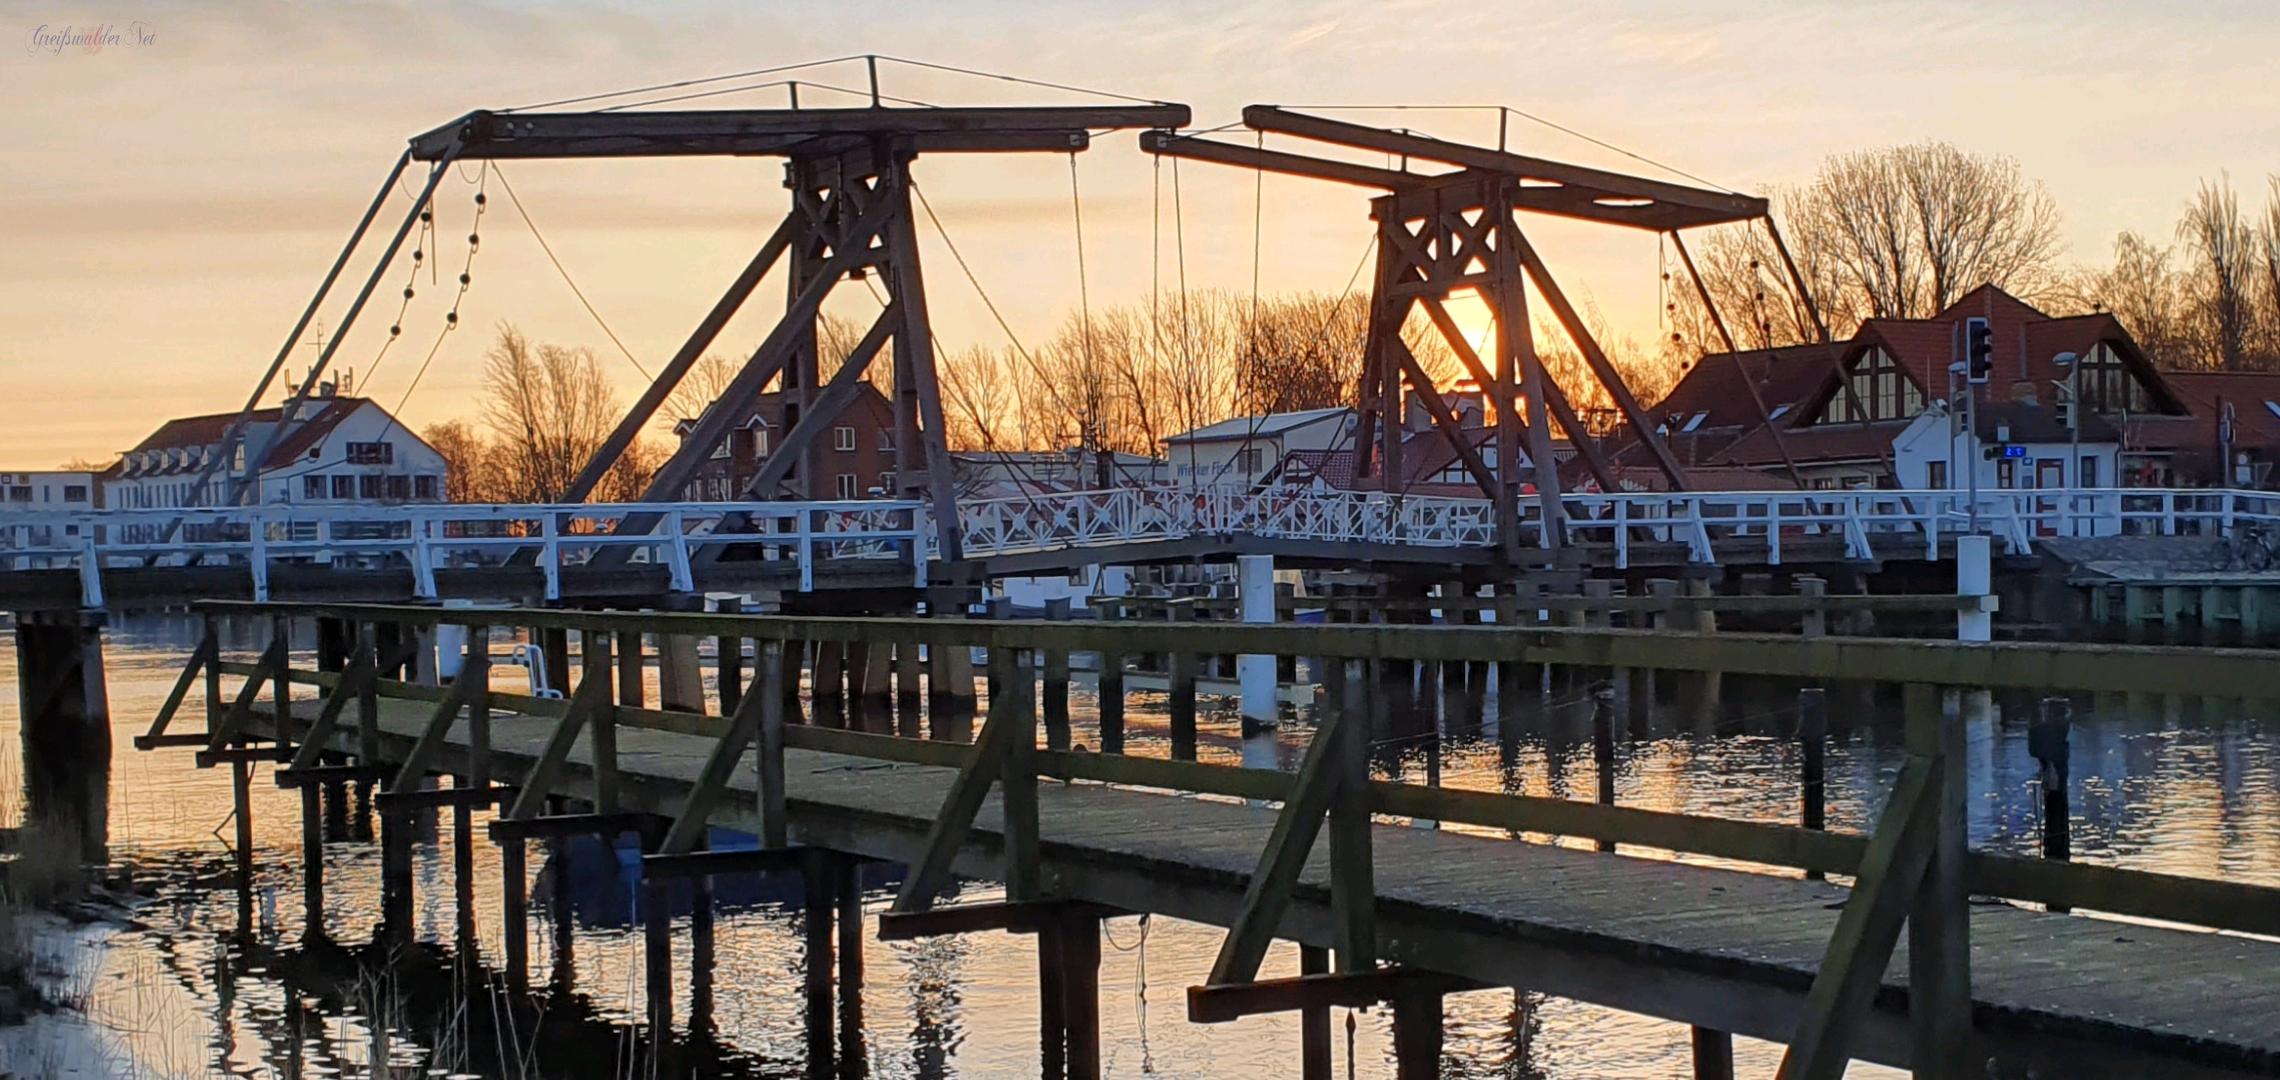 Sonntagmorgen an der Brücke in Greifswald-Wieck